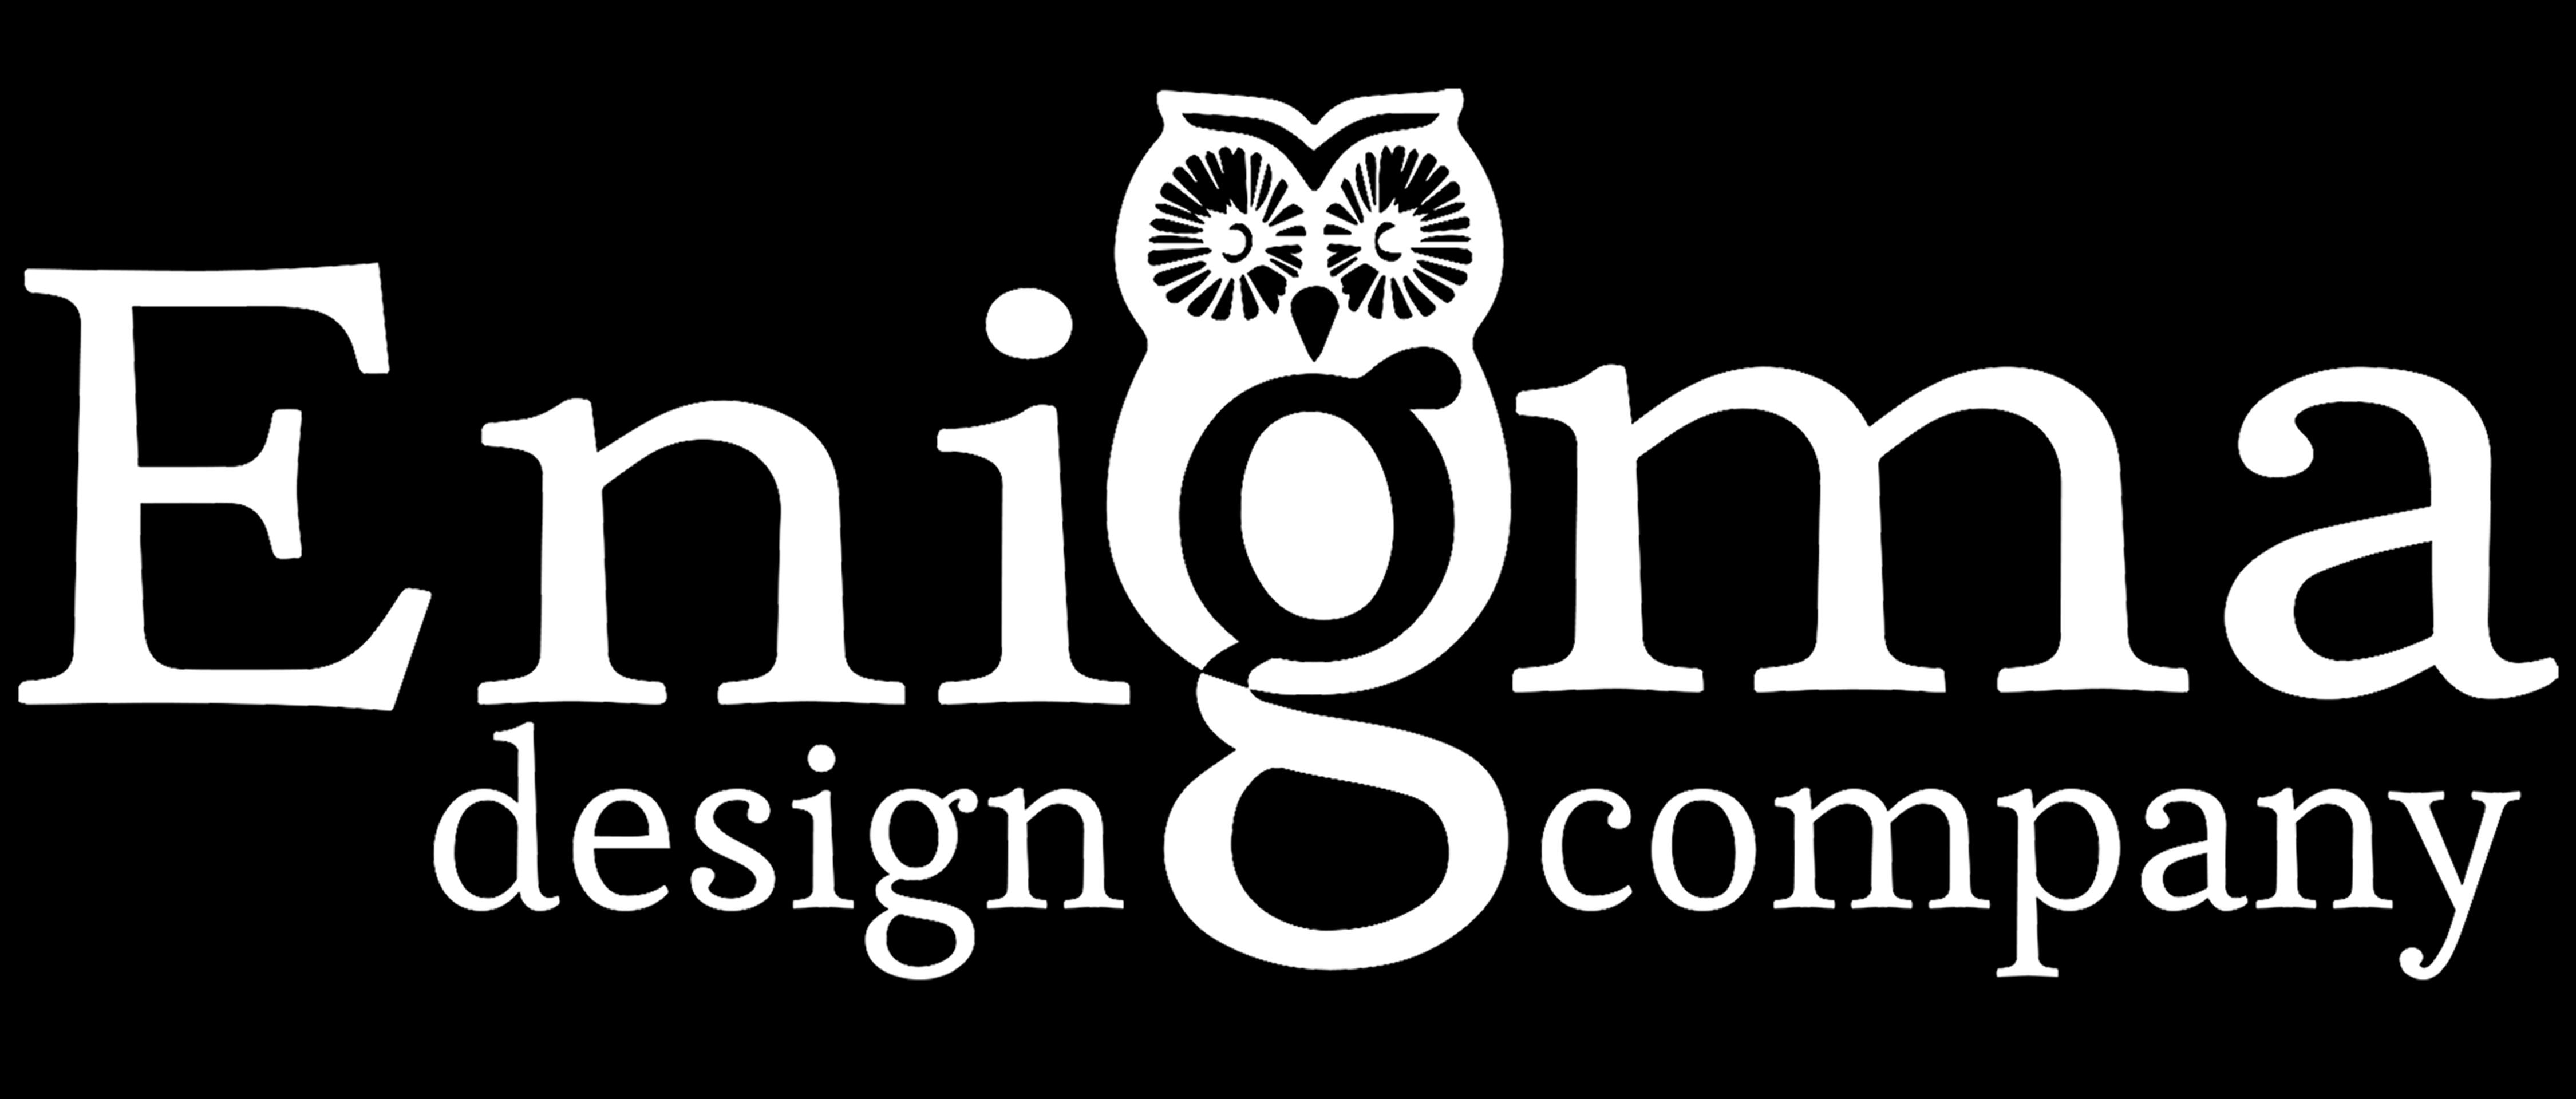 Enigma Design Company